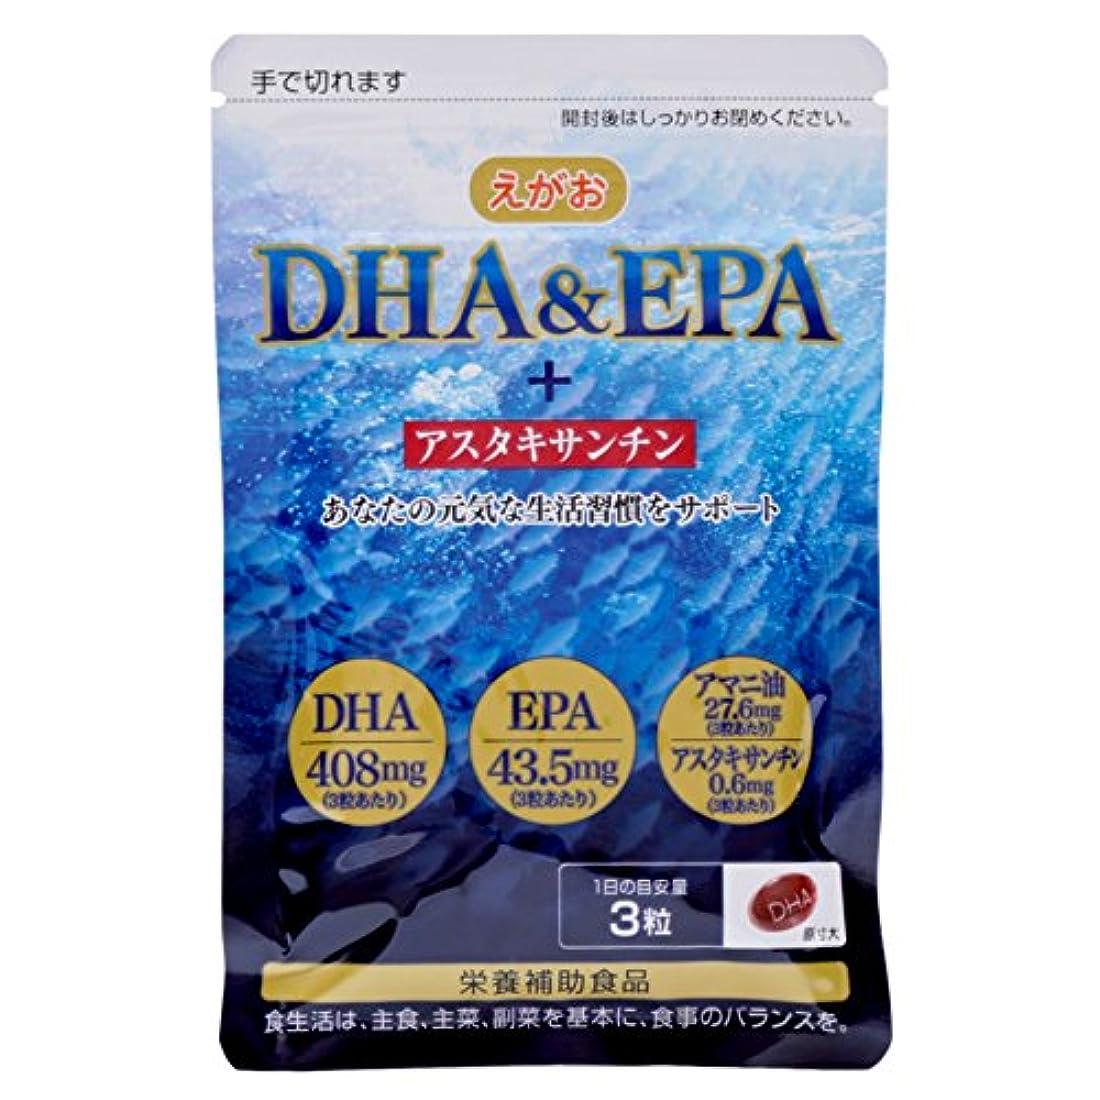 物語男らしいグラマーえがおの DHA&EPA+アスタキサンチン 【1袋】(1袋/93粒入り 約1ヵ月分) 栄養補助食品